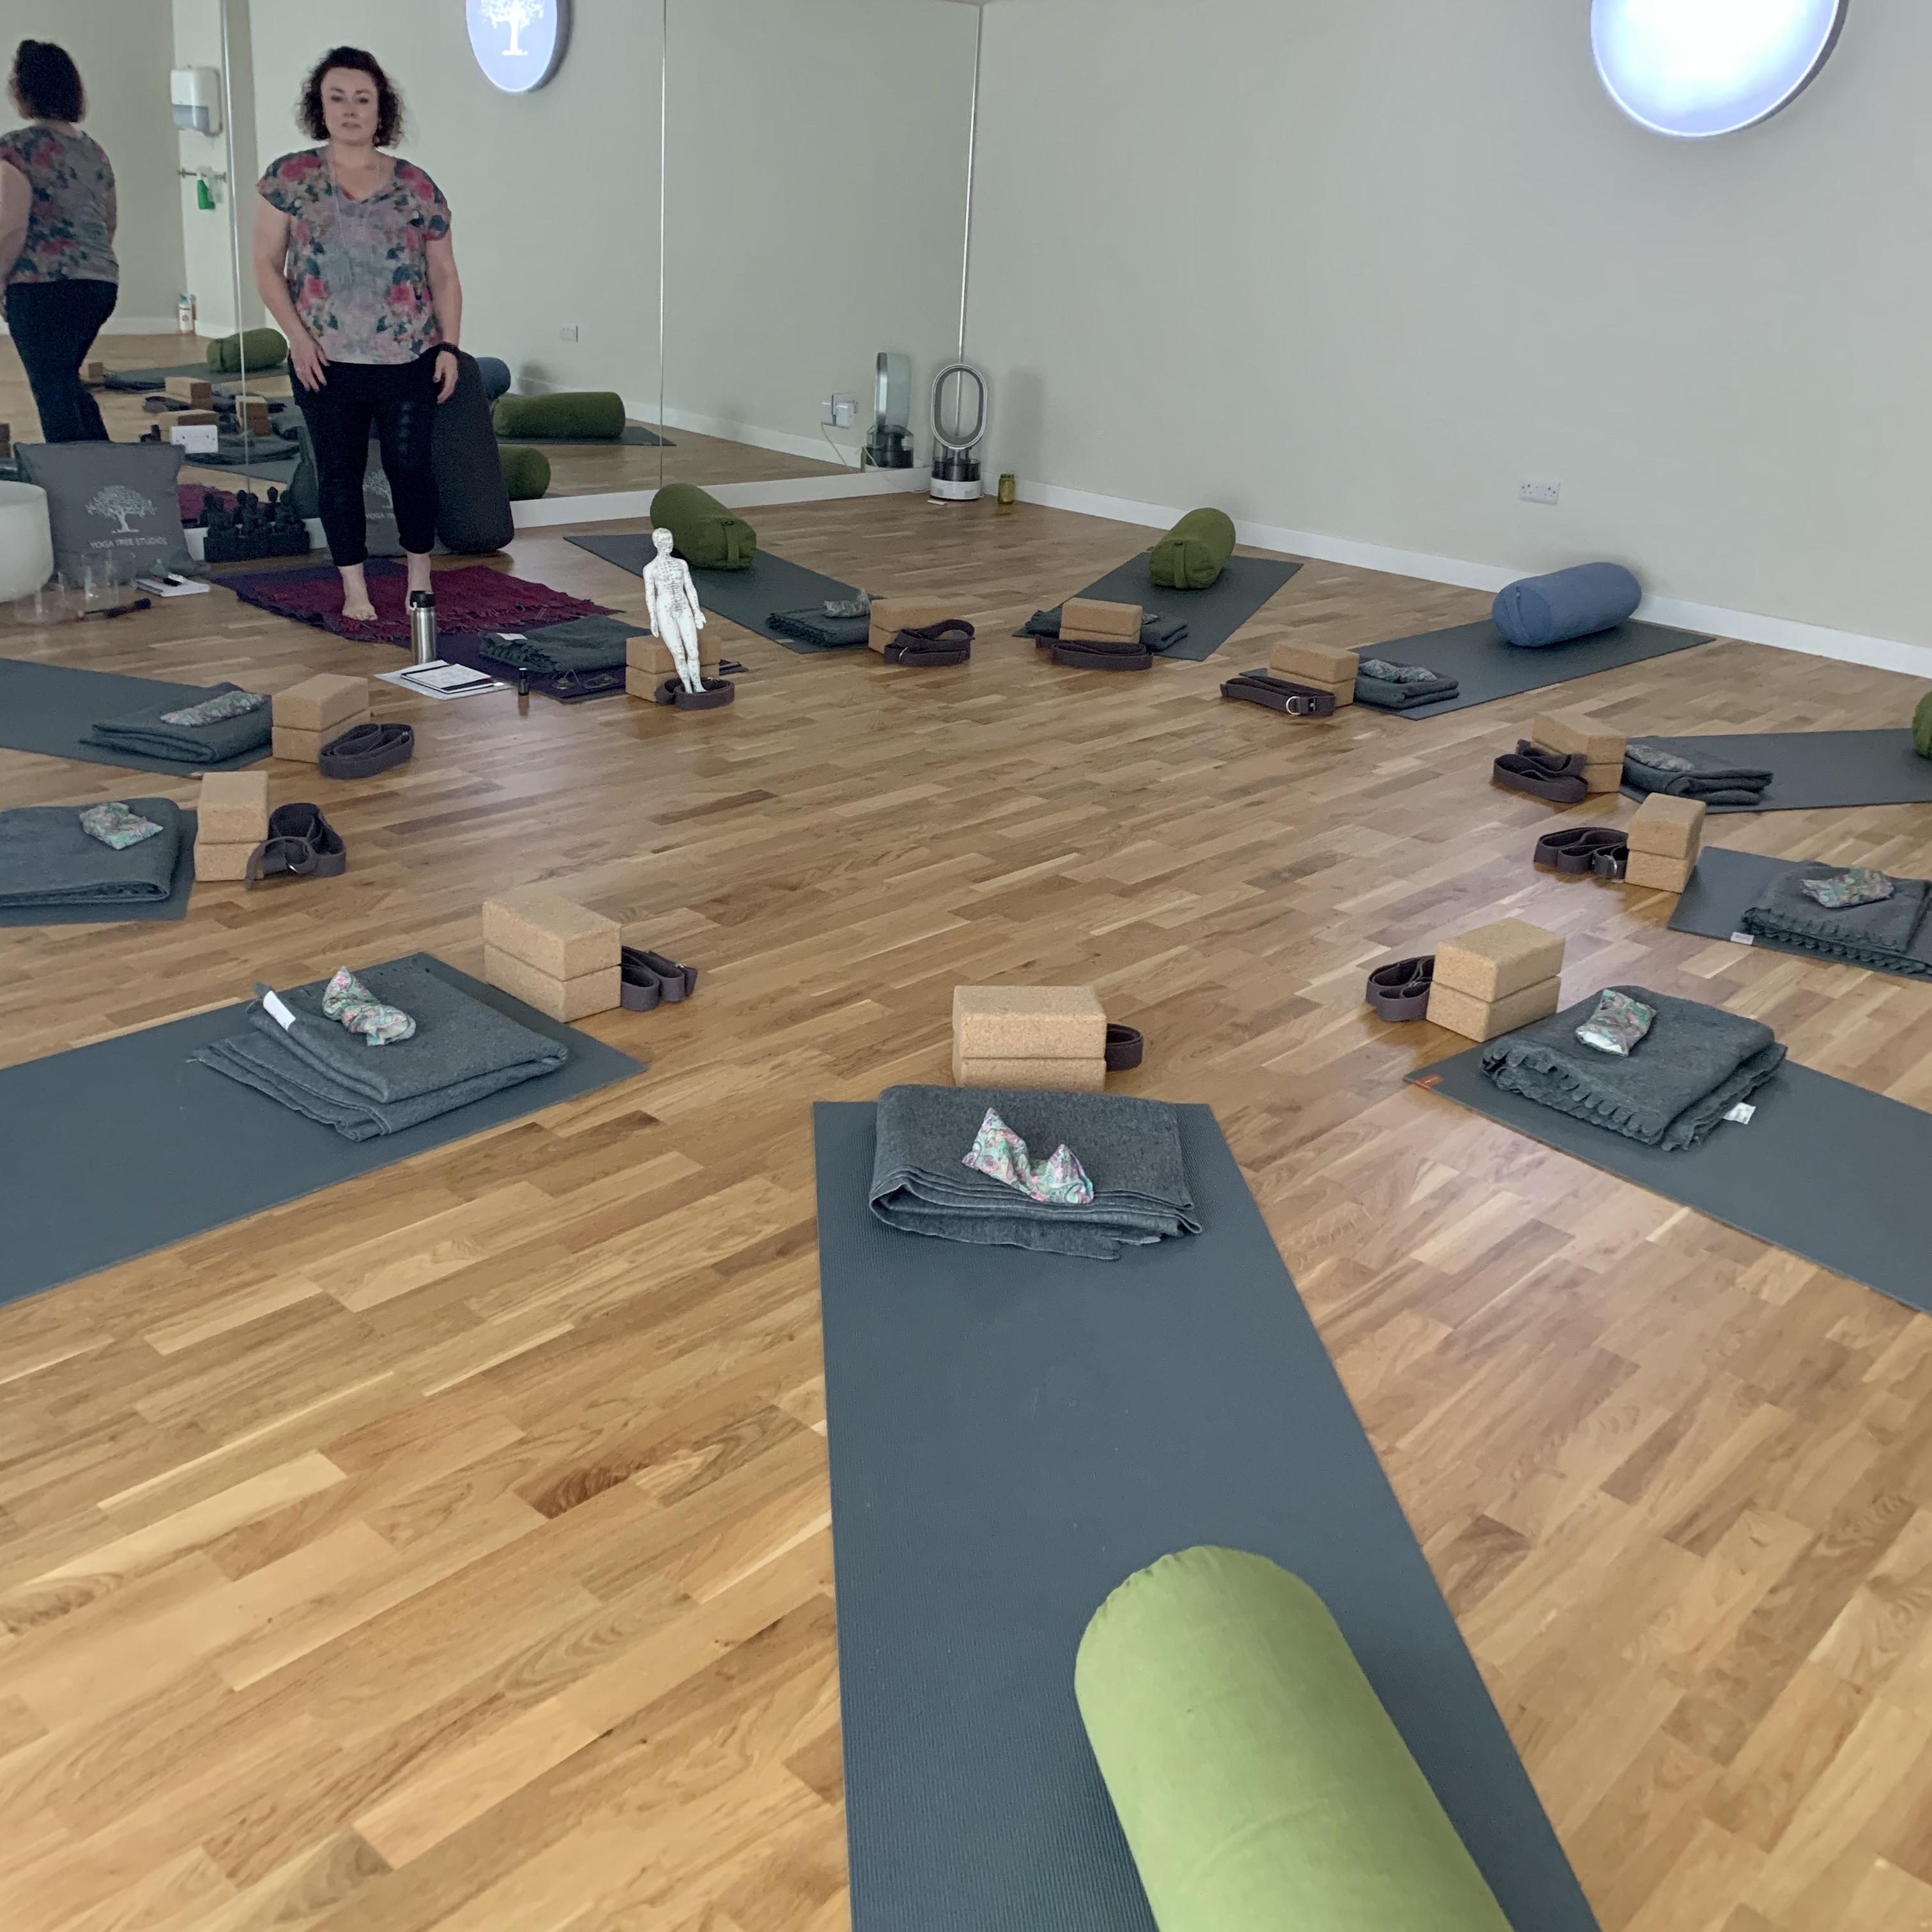 Myofascial Release & Yin Yoga With Kanti Freeman Price £25